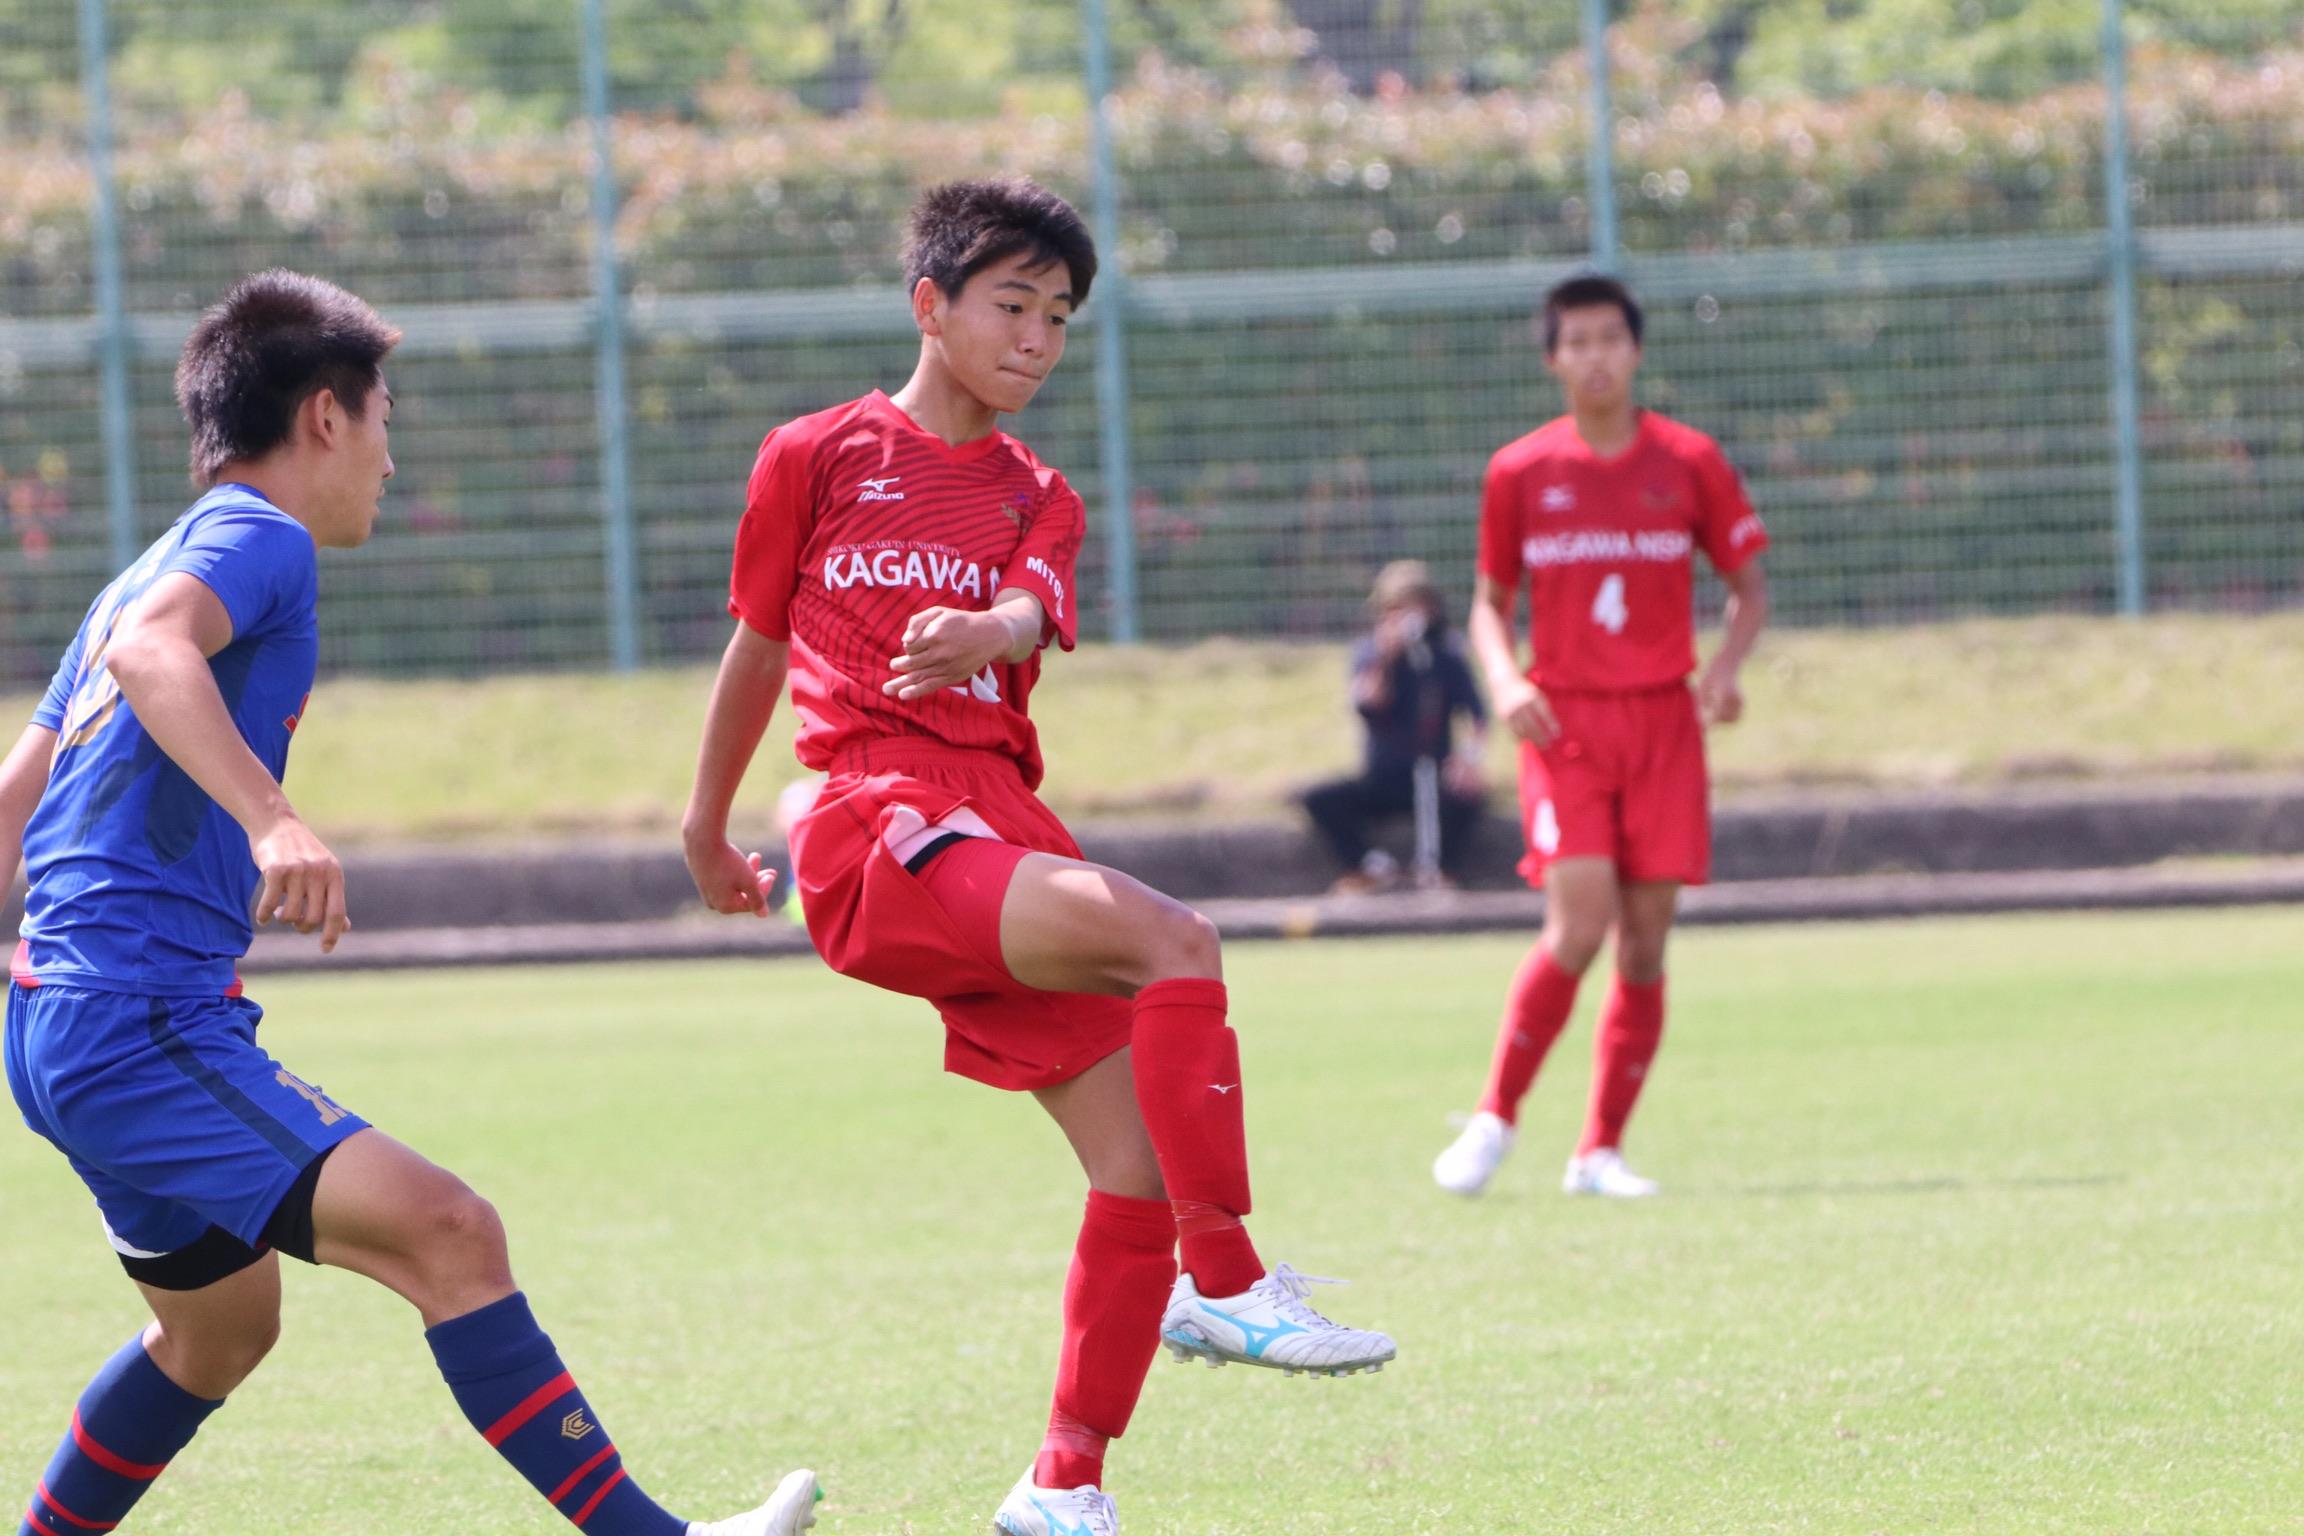 香川県高等学校総合体育大会サッカー競技 準々決勝 フォトギャラリー